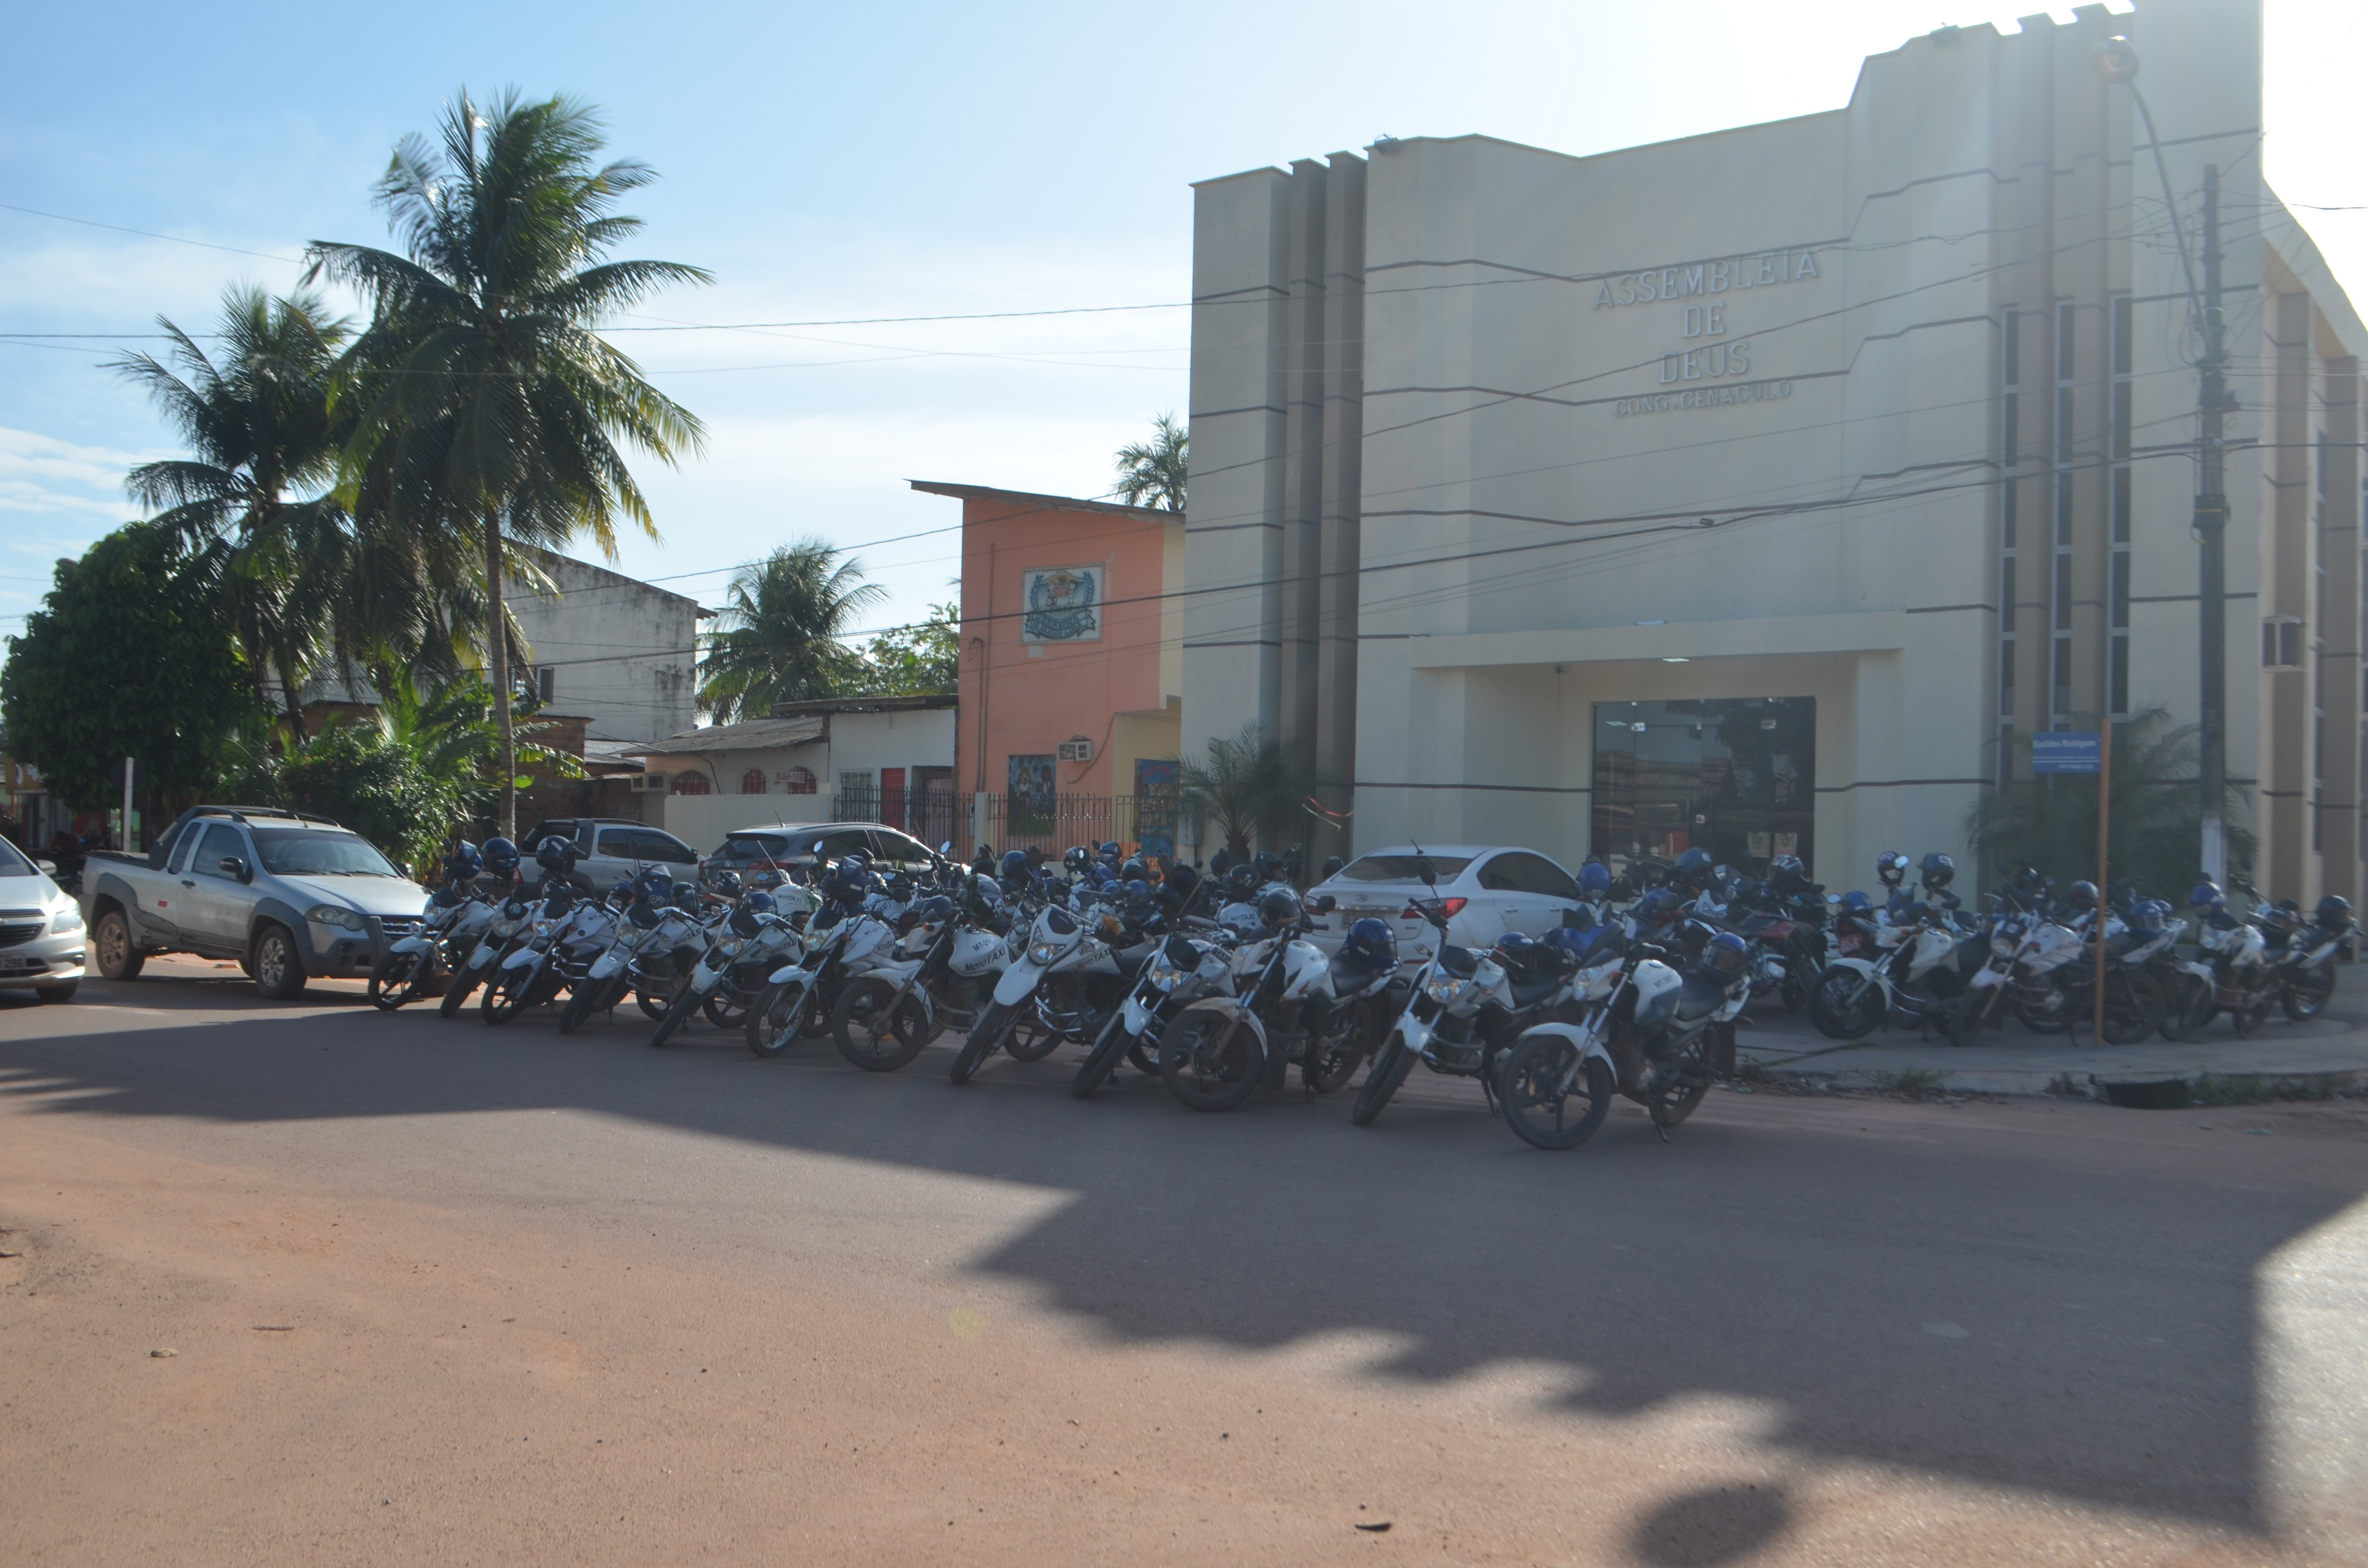 Alegando prejuízos, mototaxistas cobram mais fiscalização contra transporte irregular em Santana